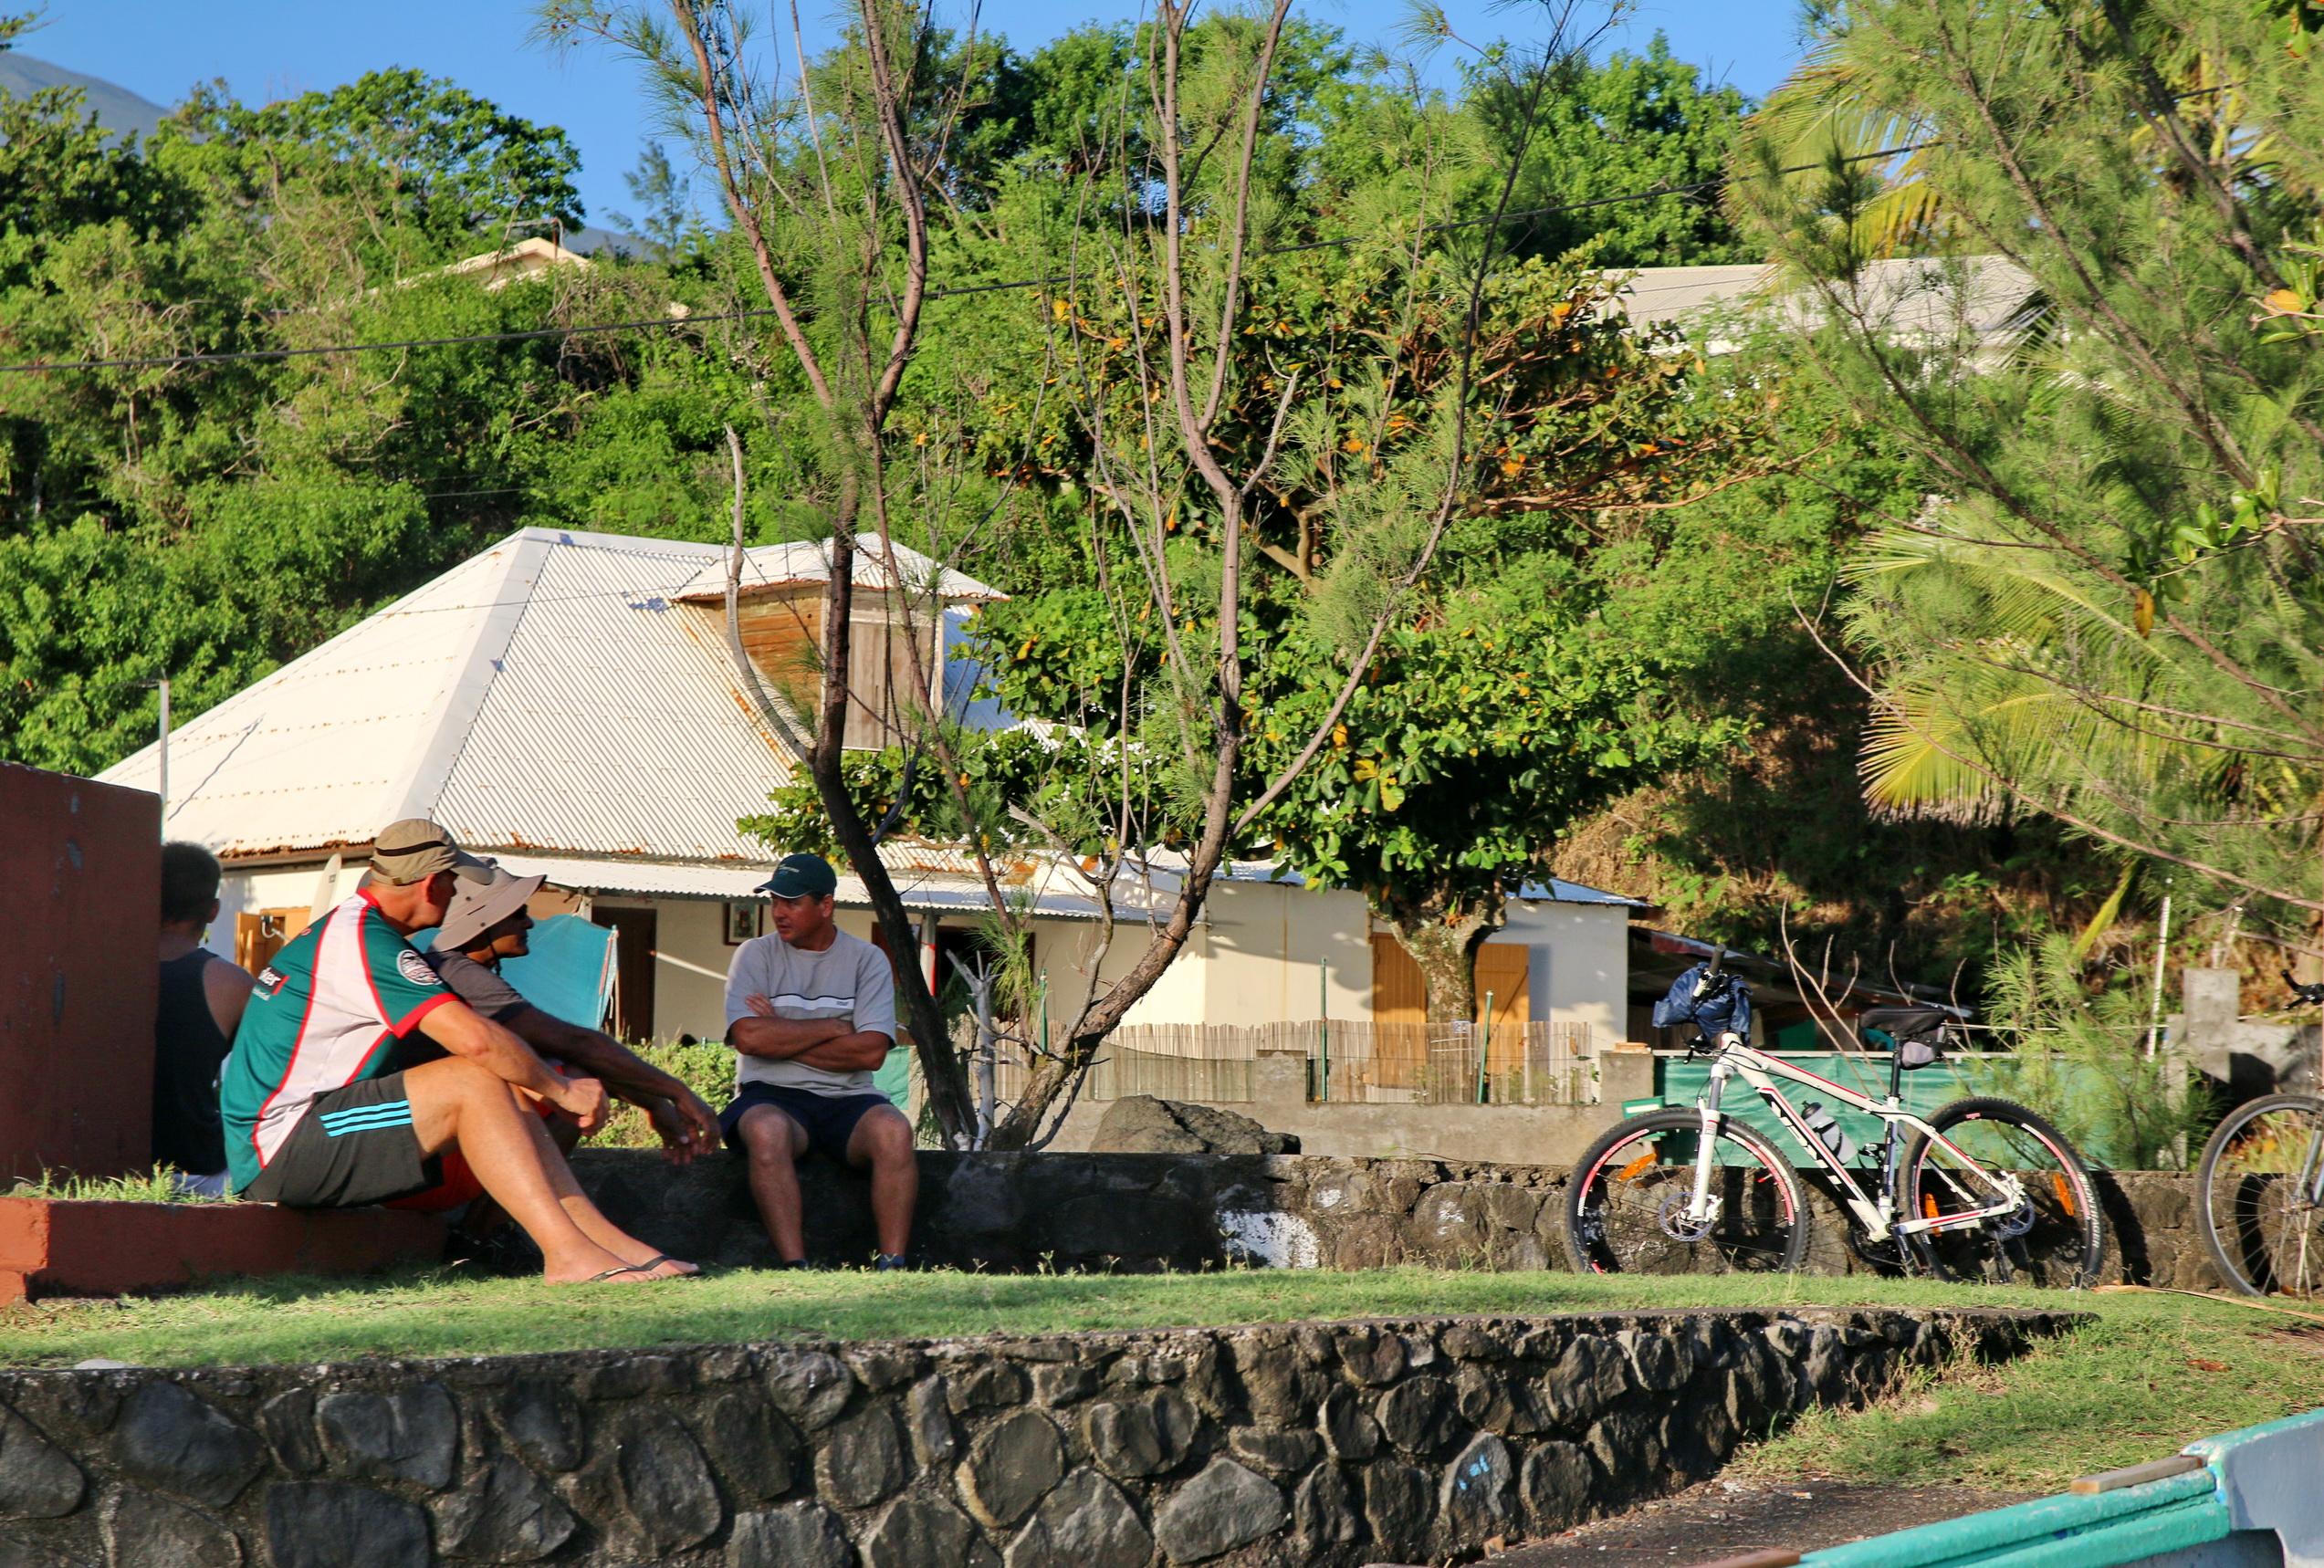 [Vie des ports] Les ports de la Réunion - Page 5 338134capmchantlangevin155